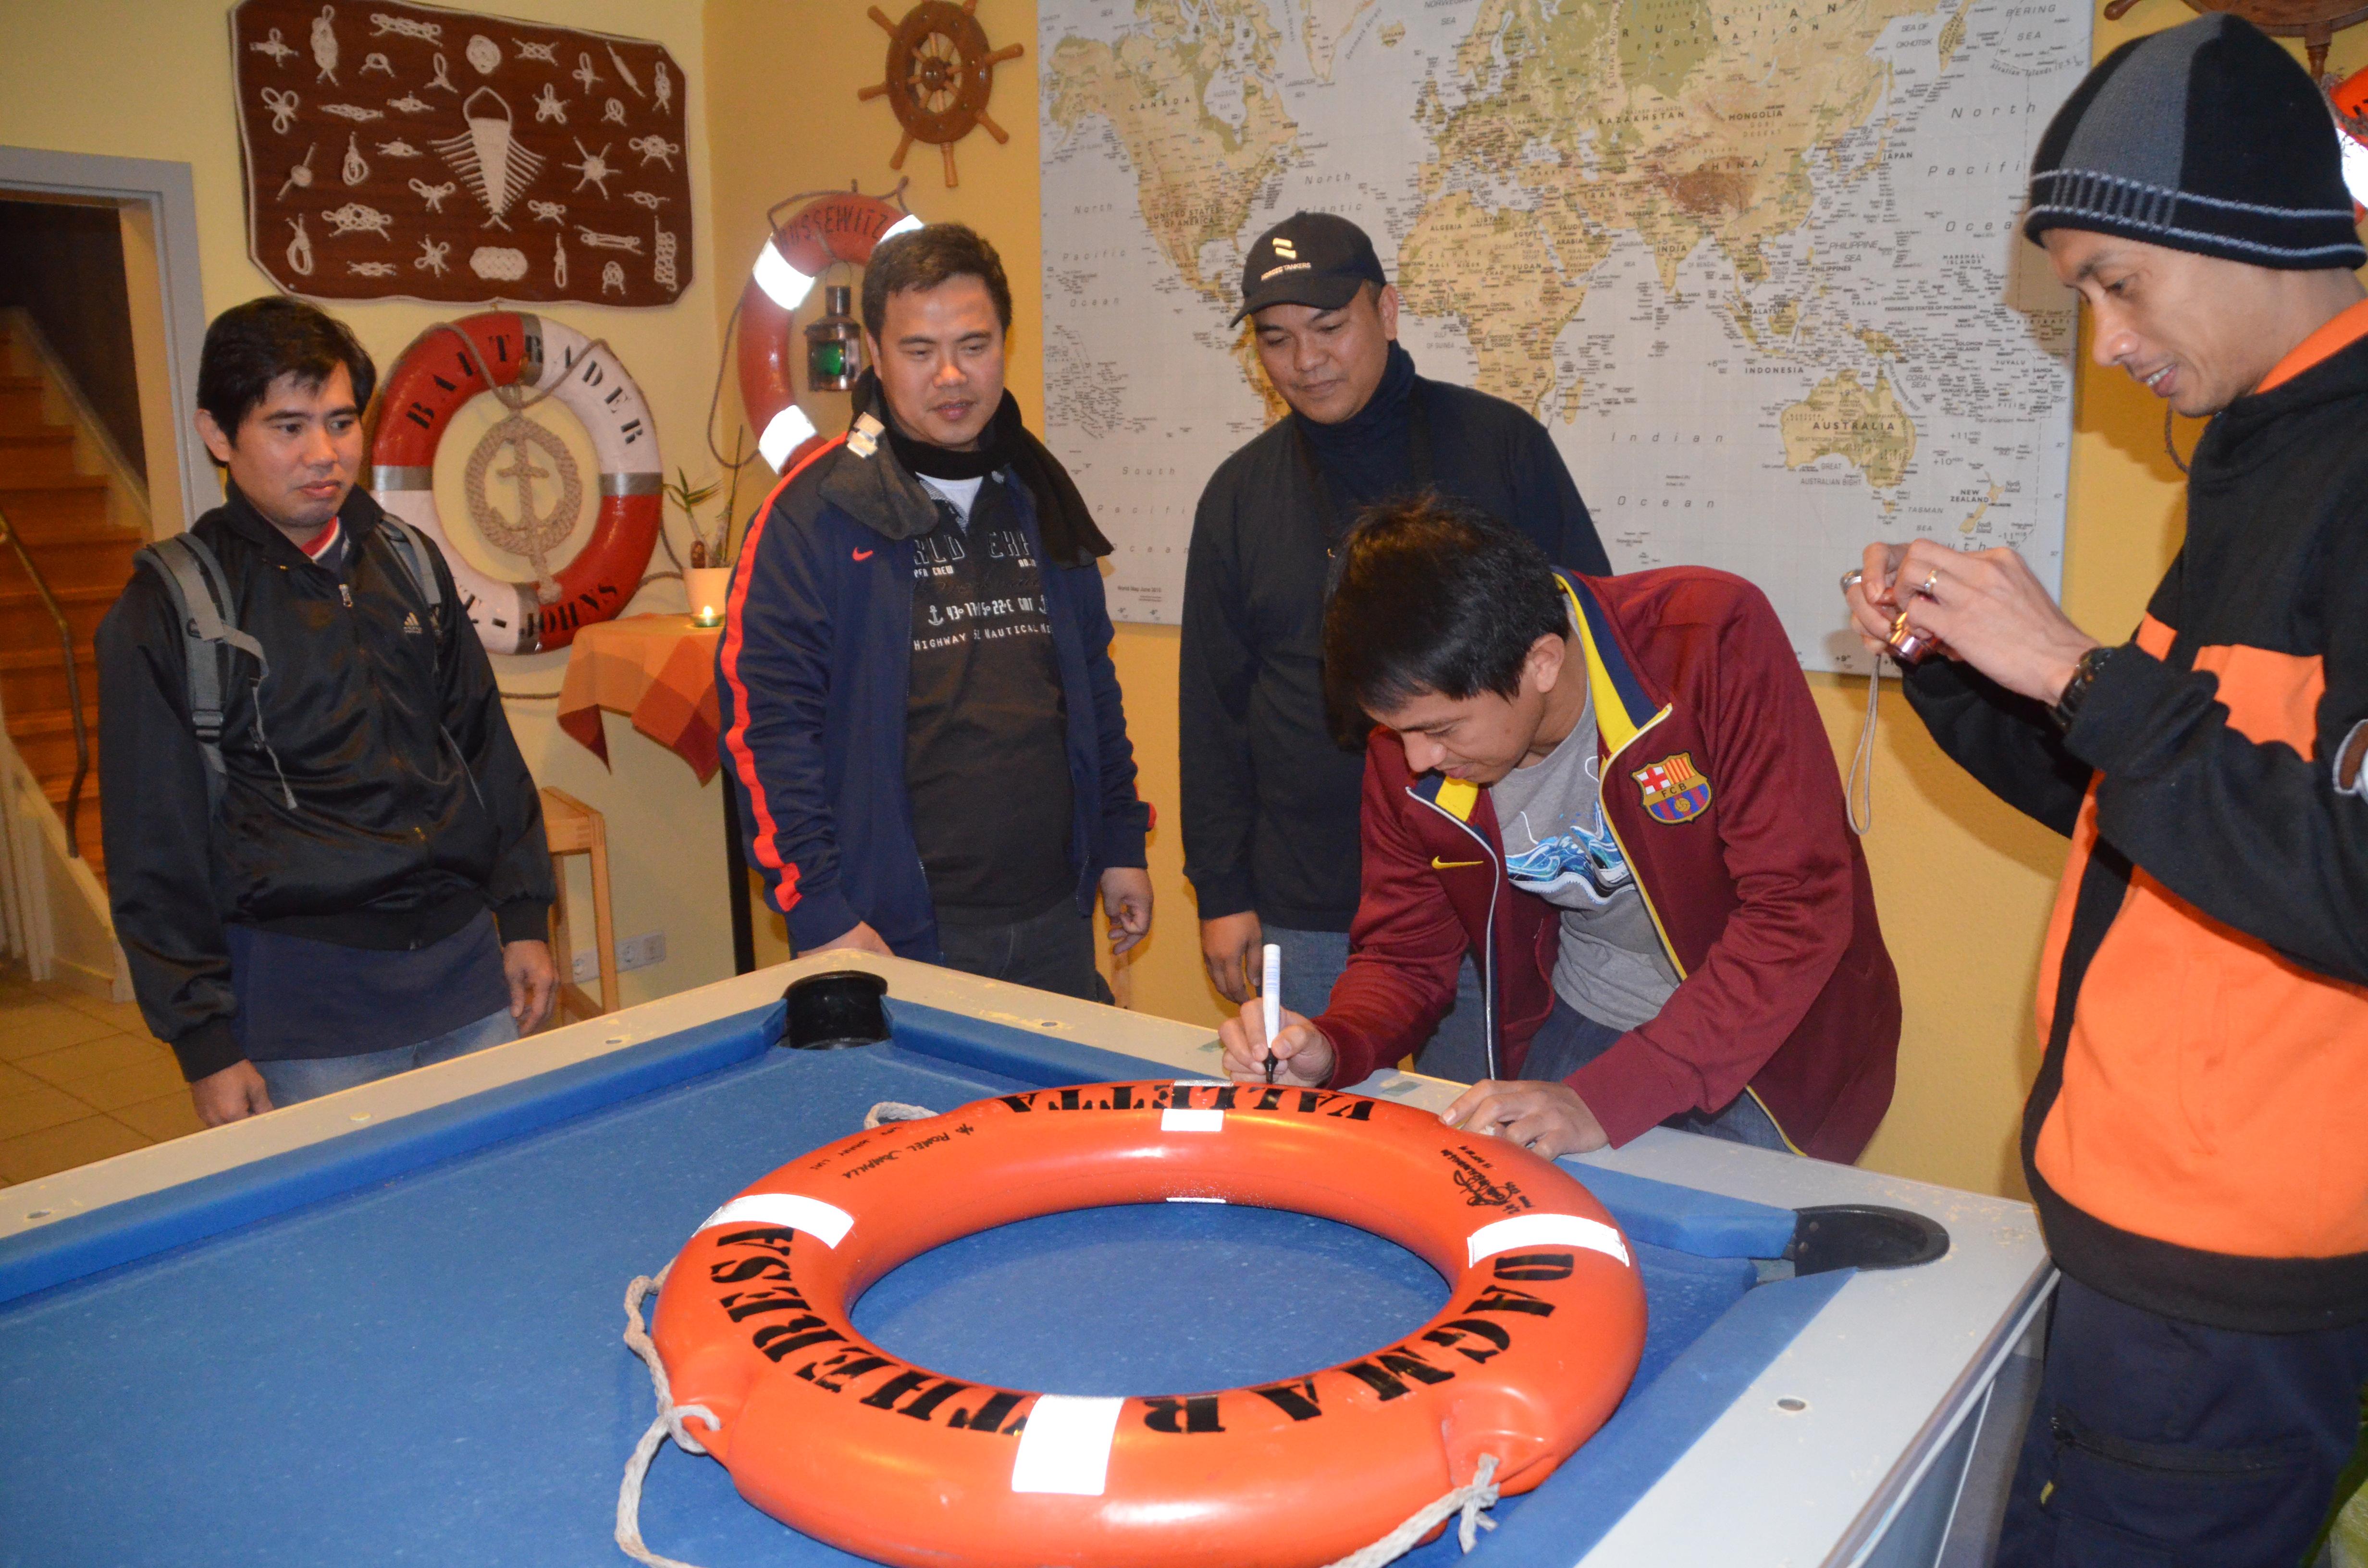 Seeleute genießen den Aufenthalt im Club.